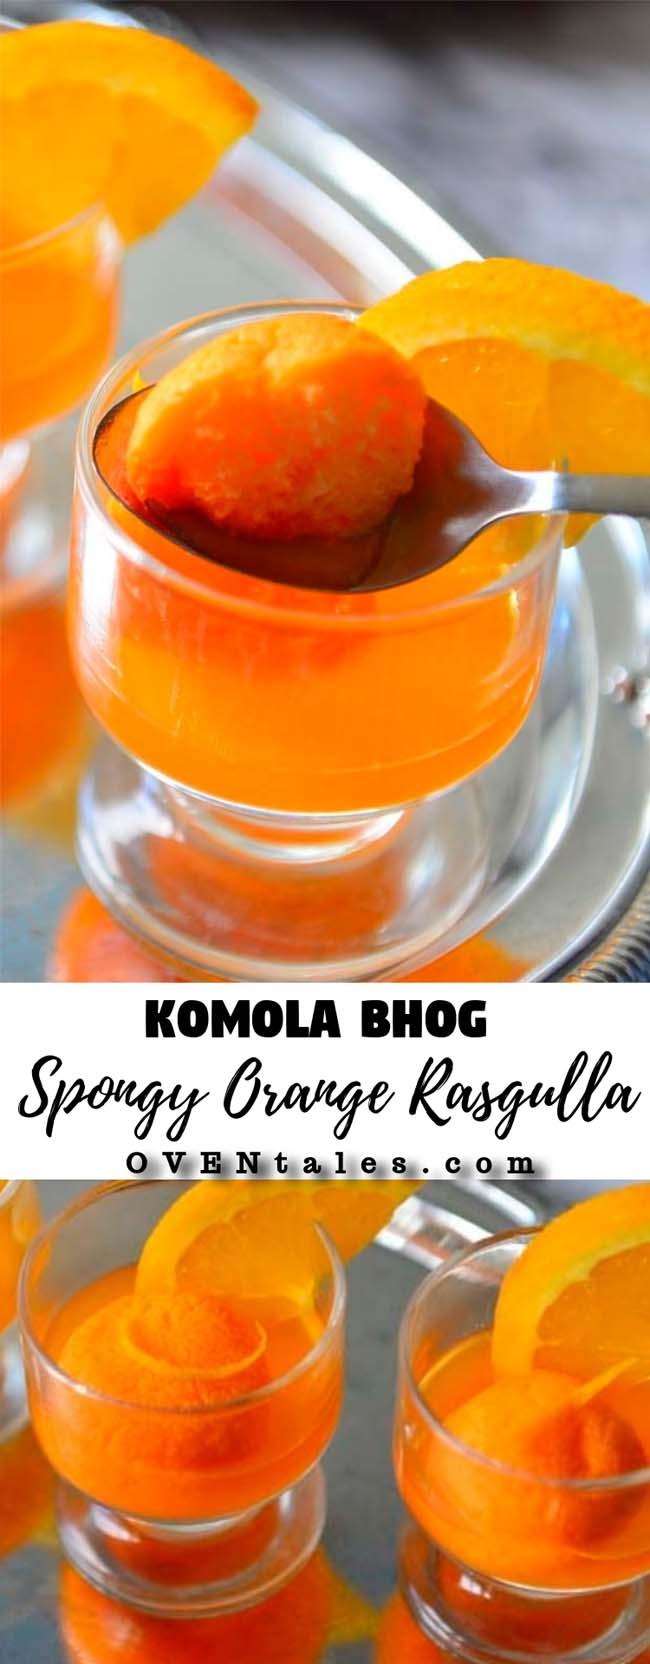 Komola Bhog The orange Rasgulla